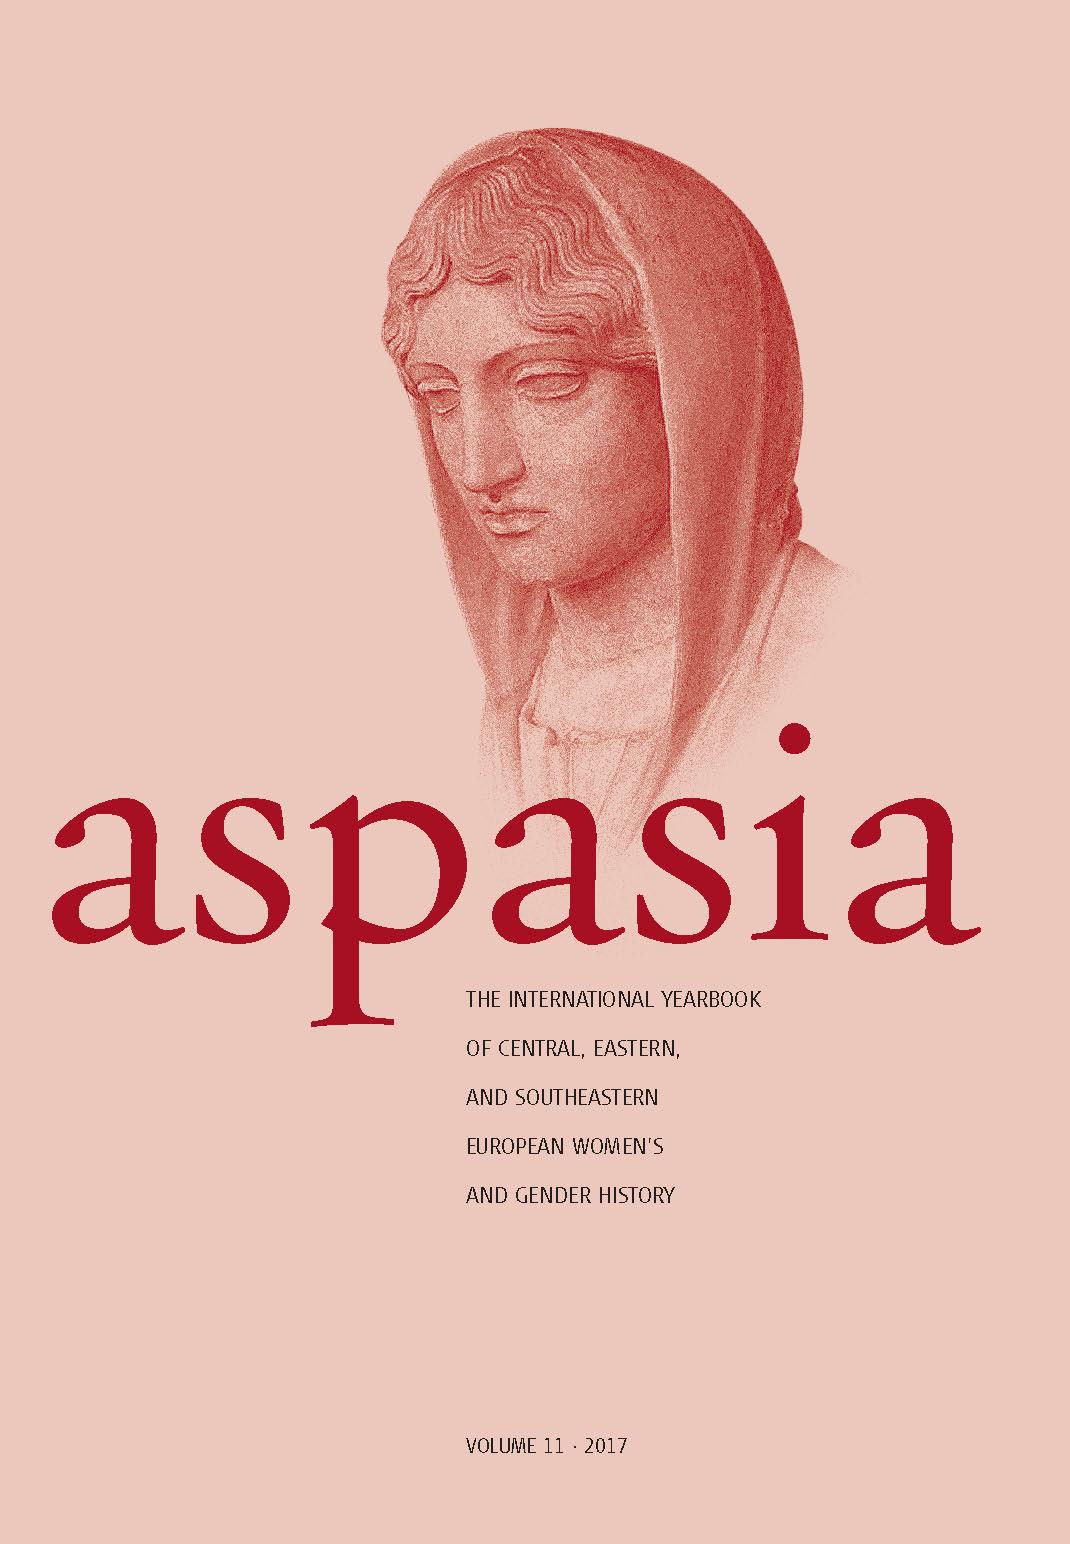 aspasia_cover